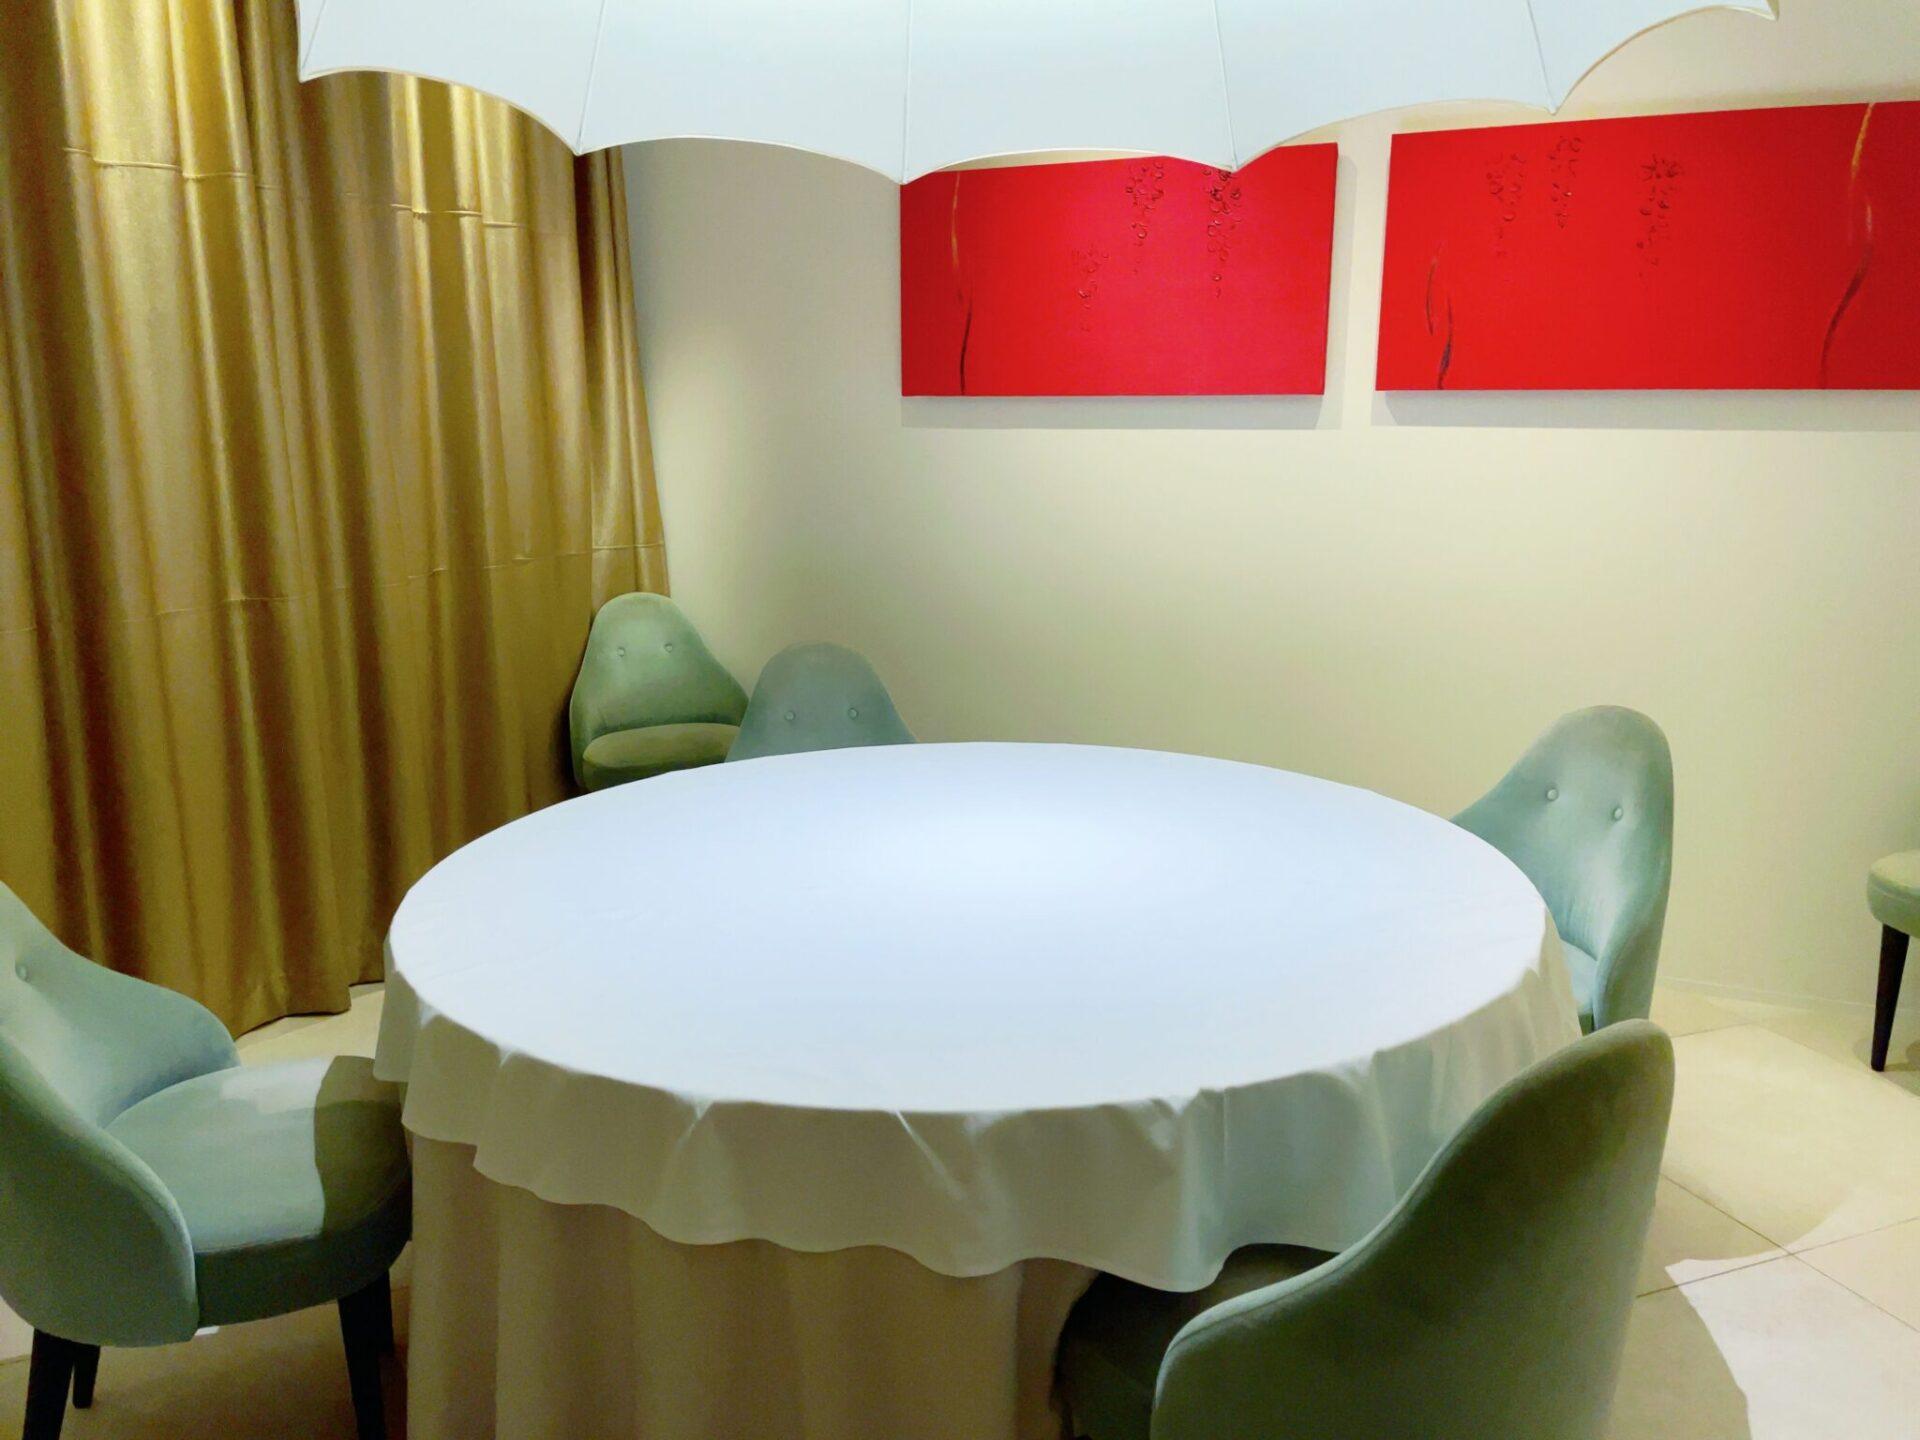 厲家菜(レイカサイ)銀座の個室